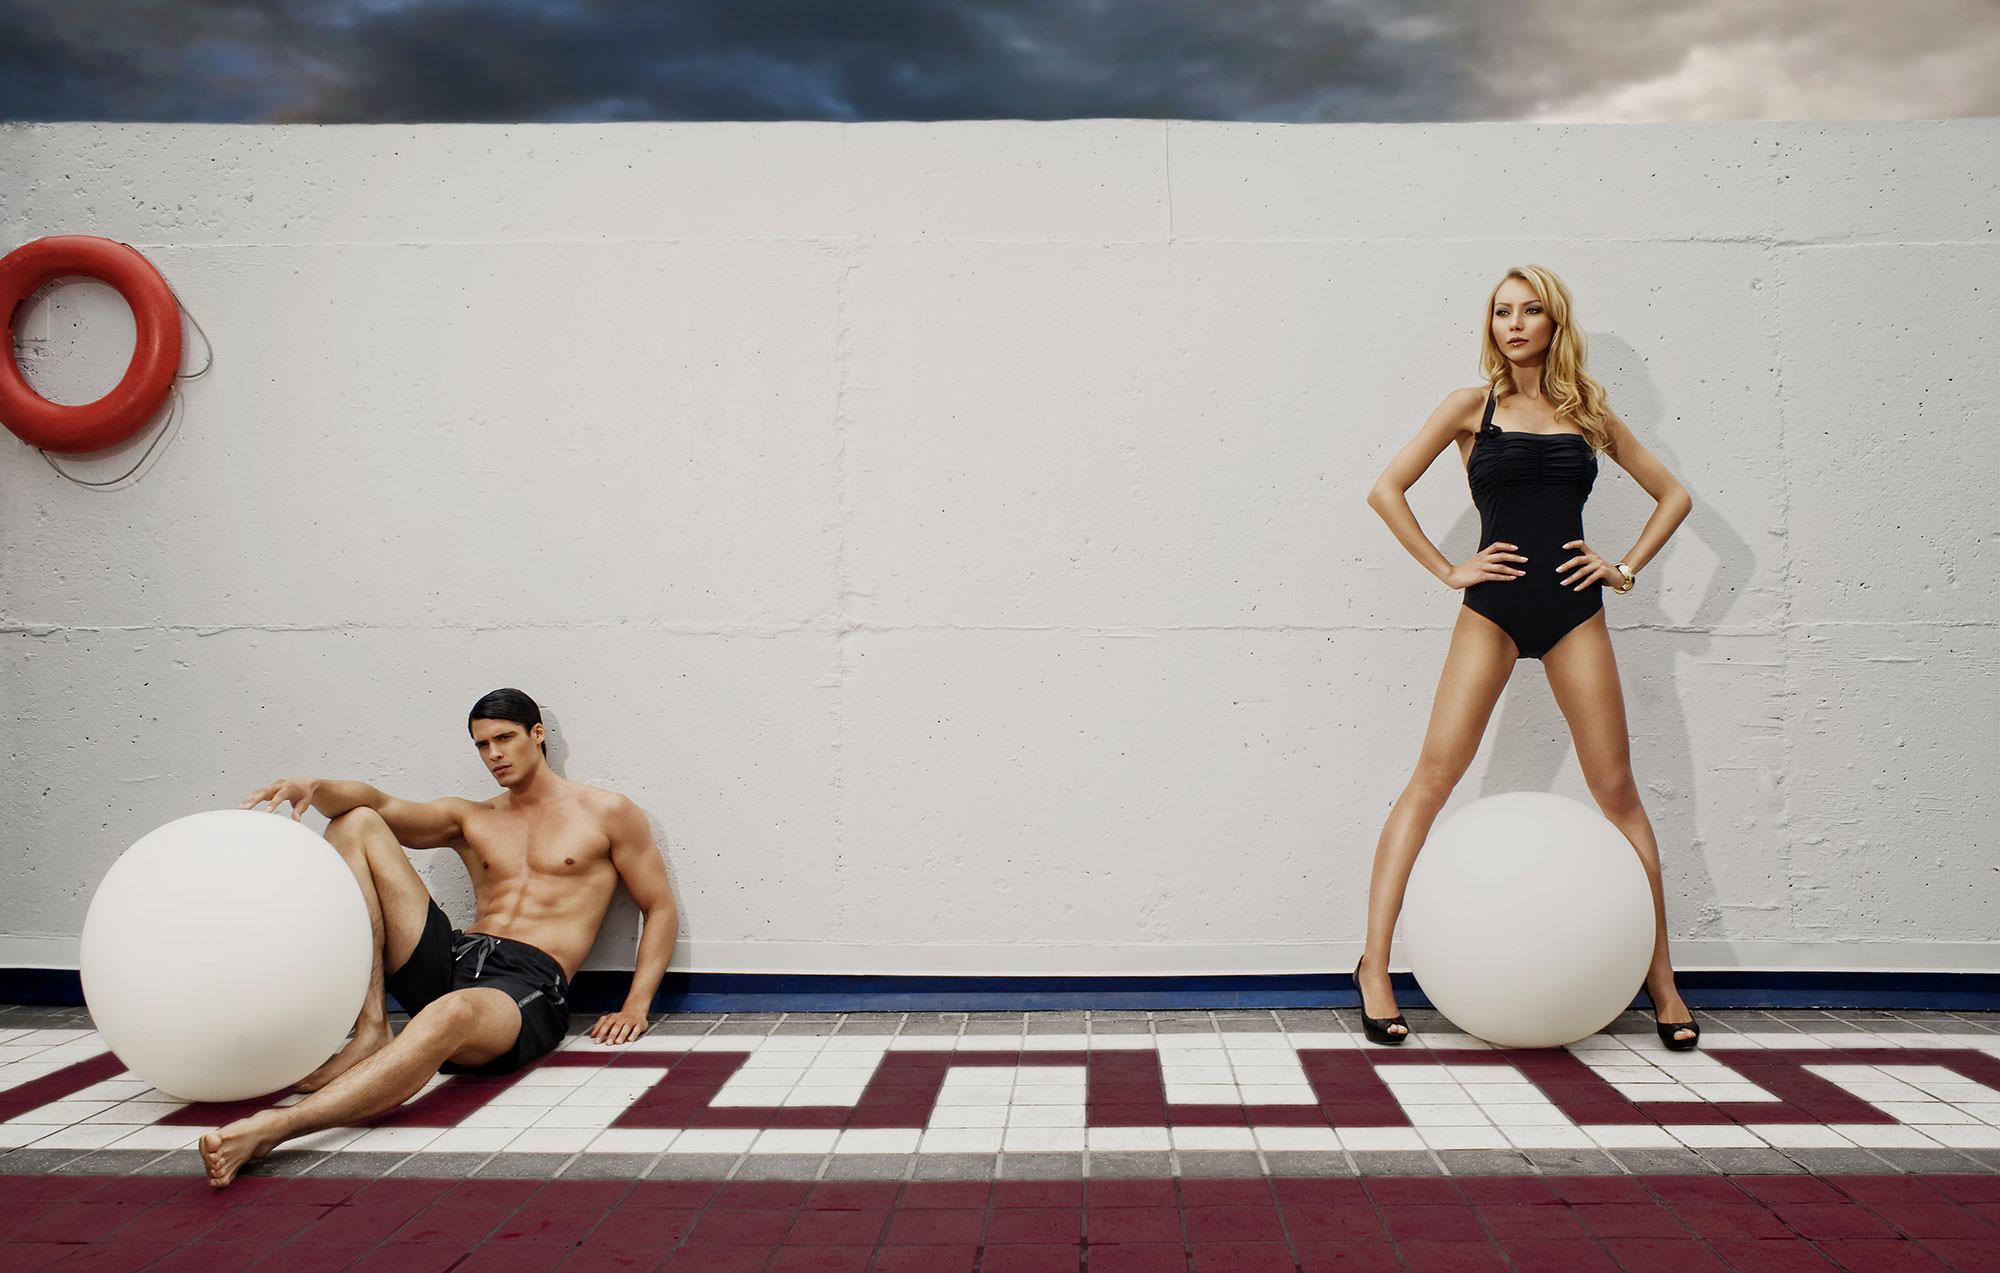 poolside-couple-in-swimwear.jpg